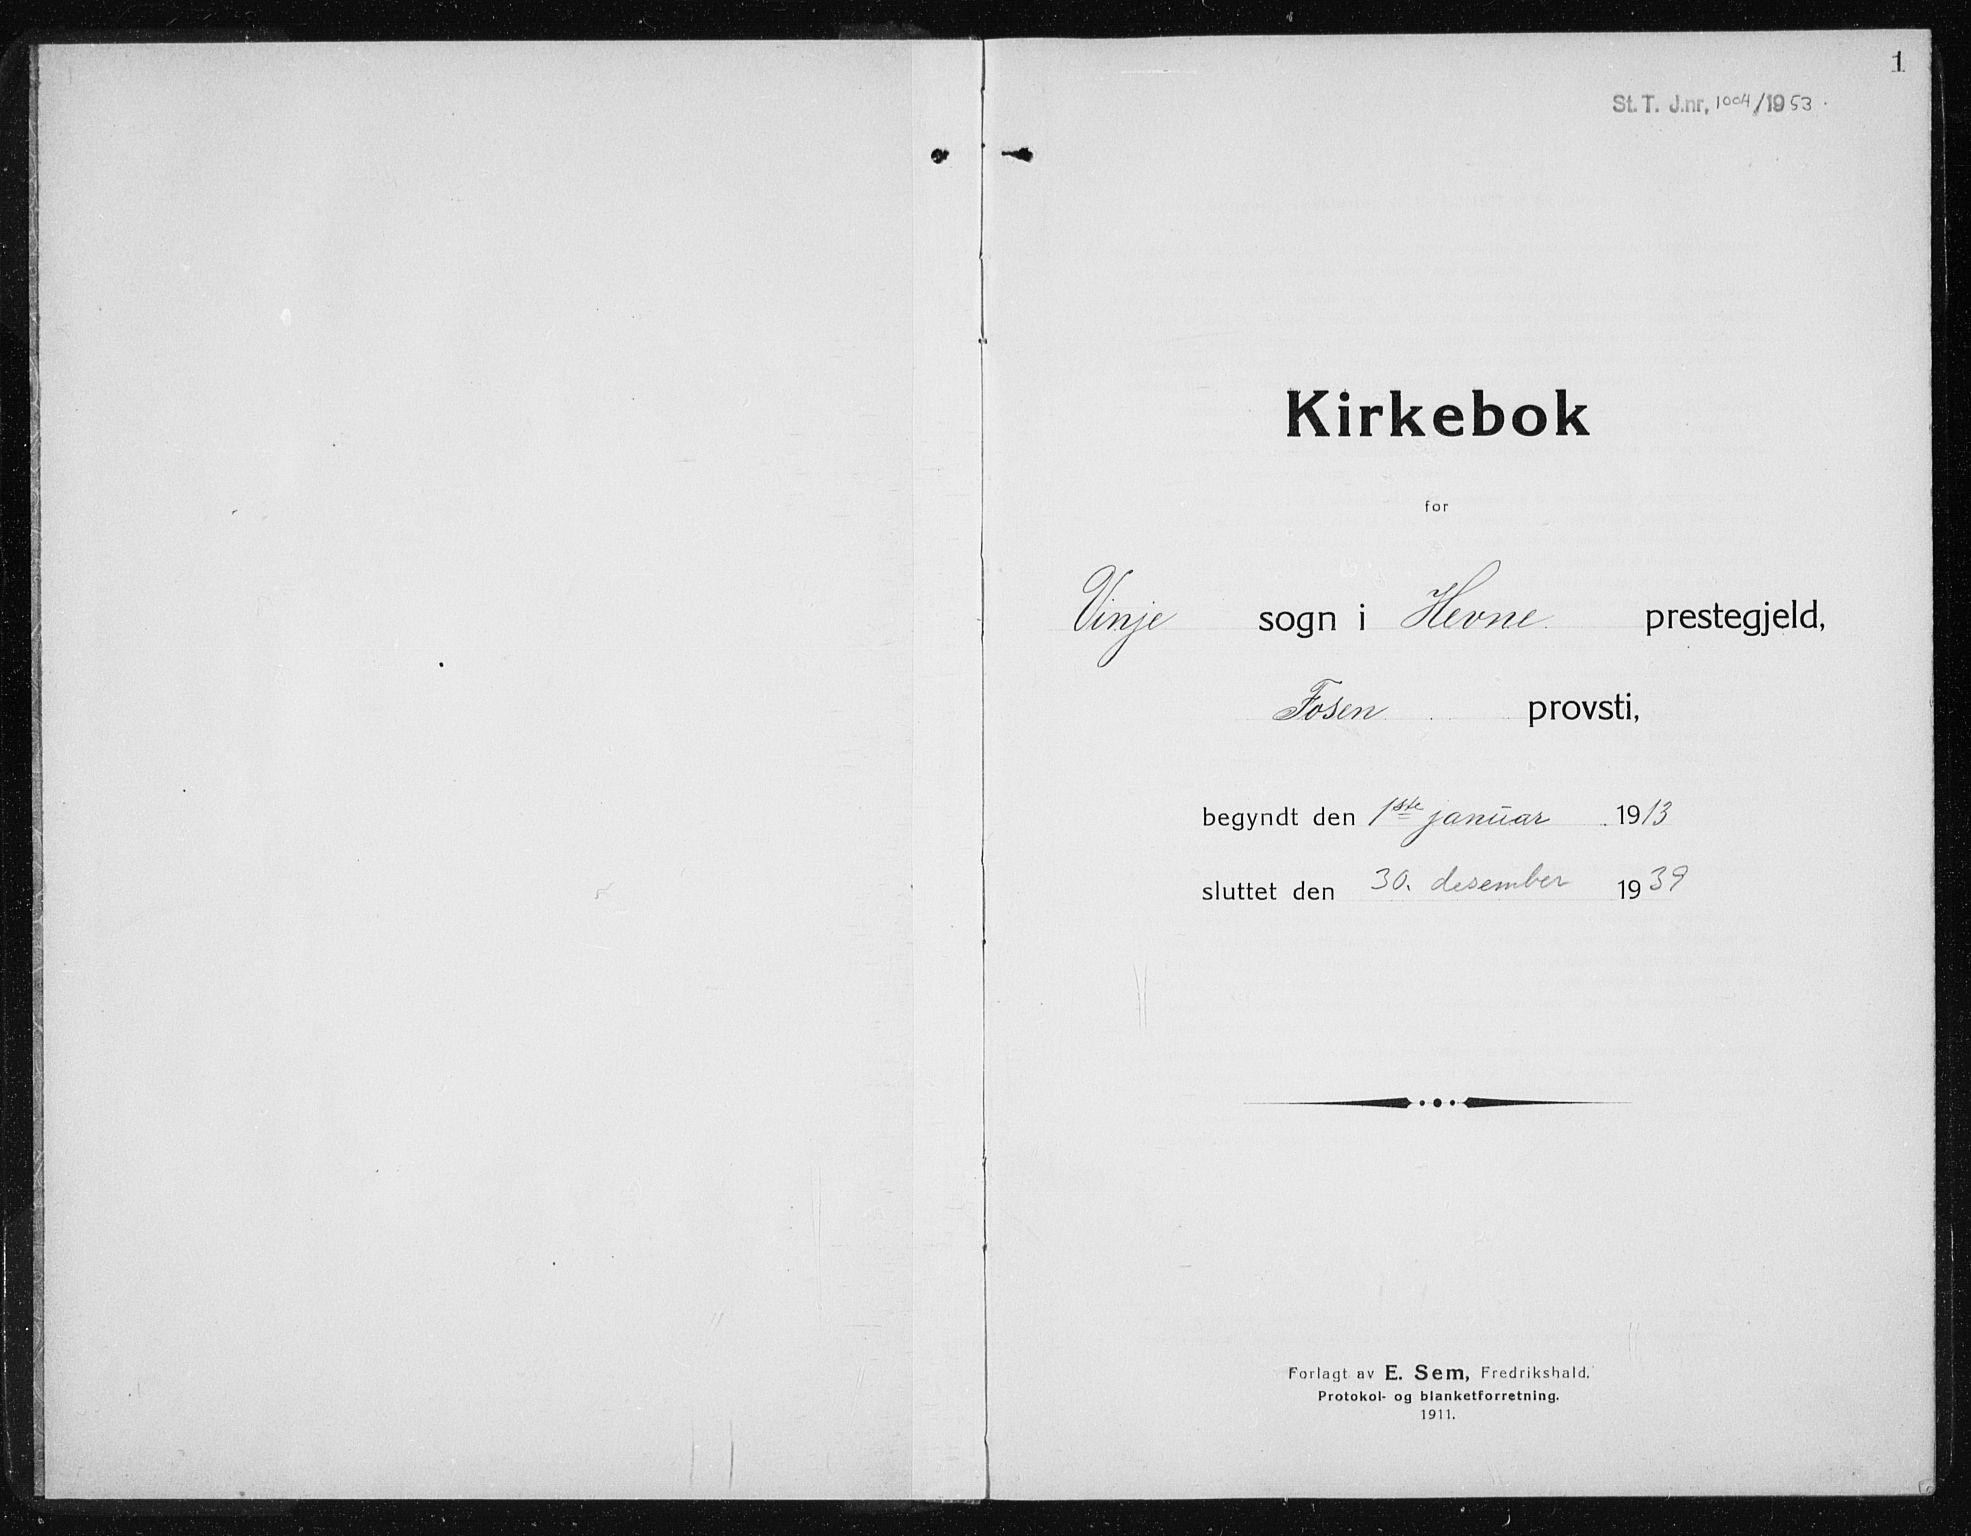 SAT, Ministerialprotokoller, klokkerbøker og fødselsregistre - Sør-Trøndelag, 631/L0515: Klokkerbok nr. 631C03, 1913-1939, s. 1